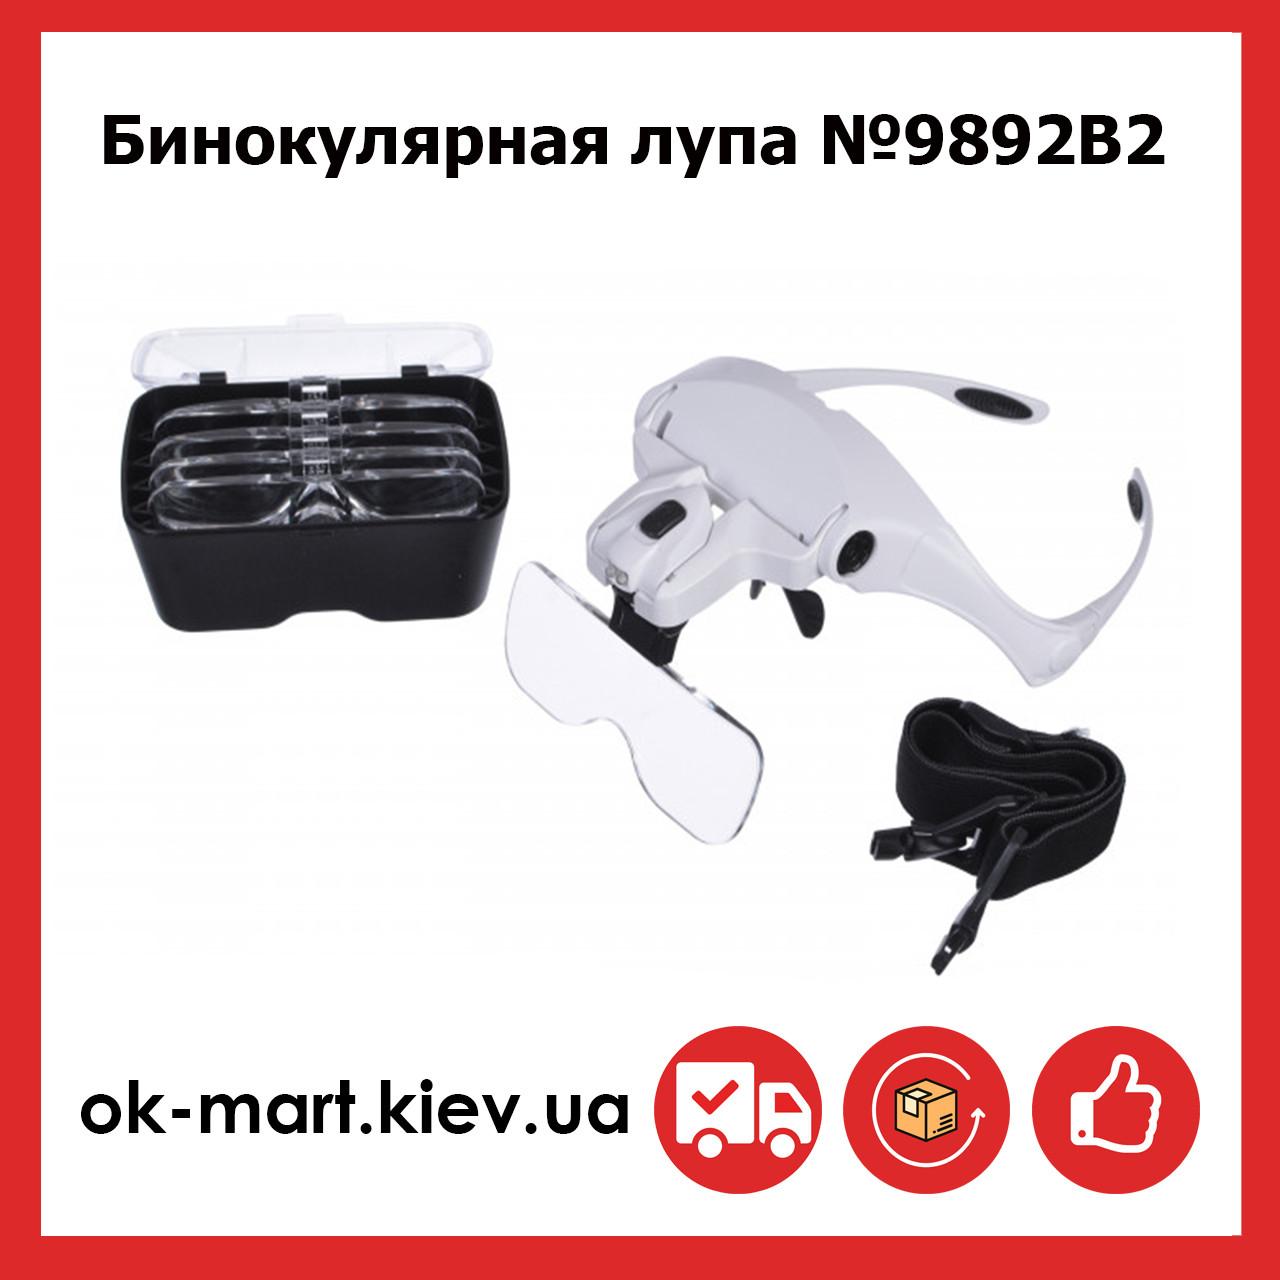 Бинокулярные очки NO.9892B2 с LED подсветкой, увеличение: 1Х 1,5Х2Х2,5Х 3,5Х